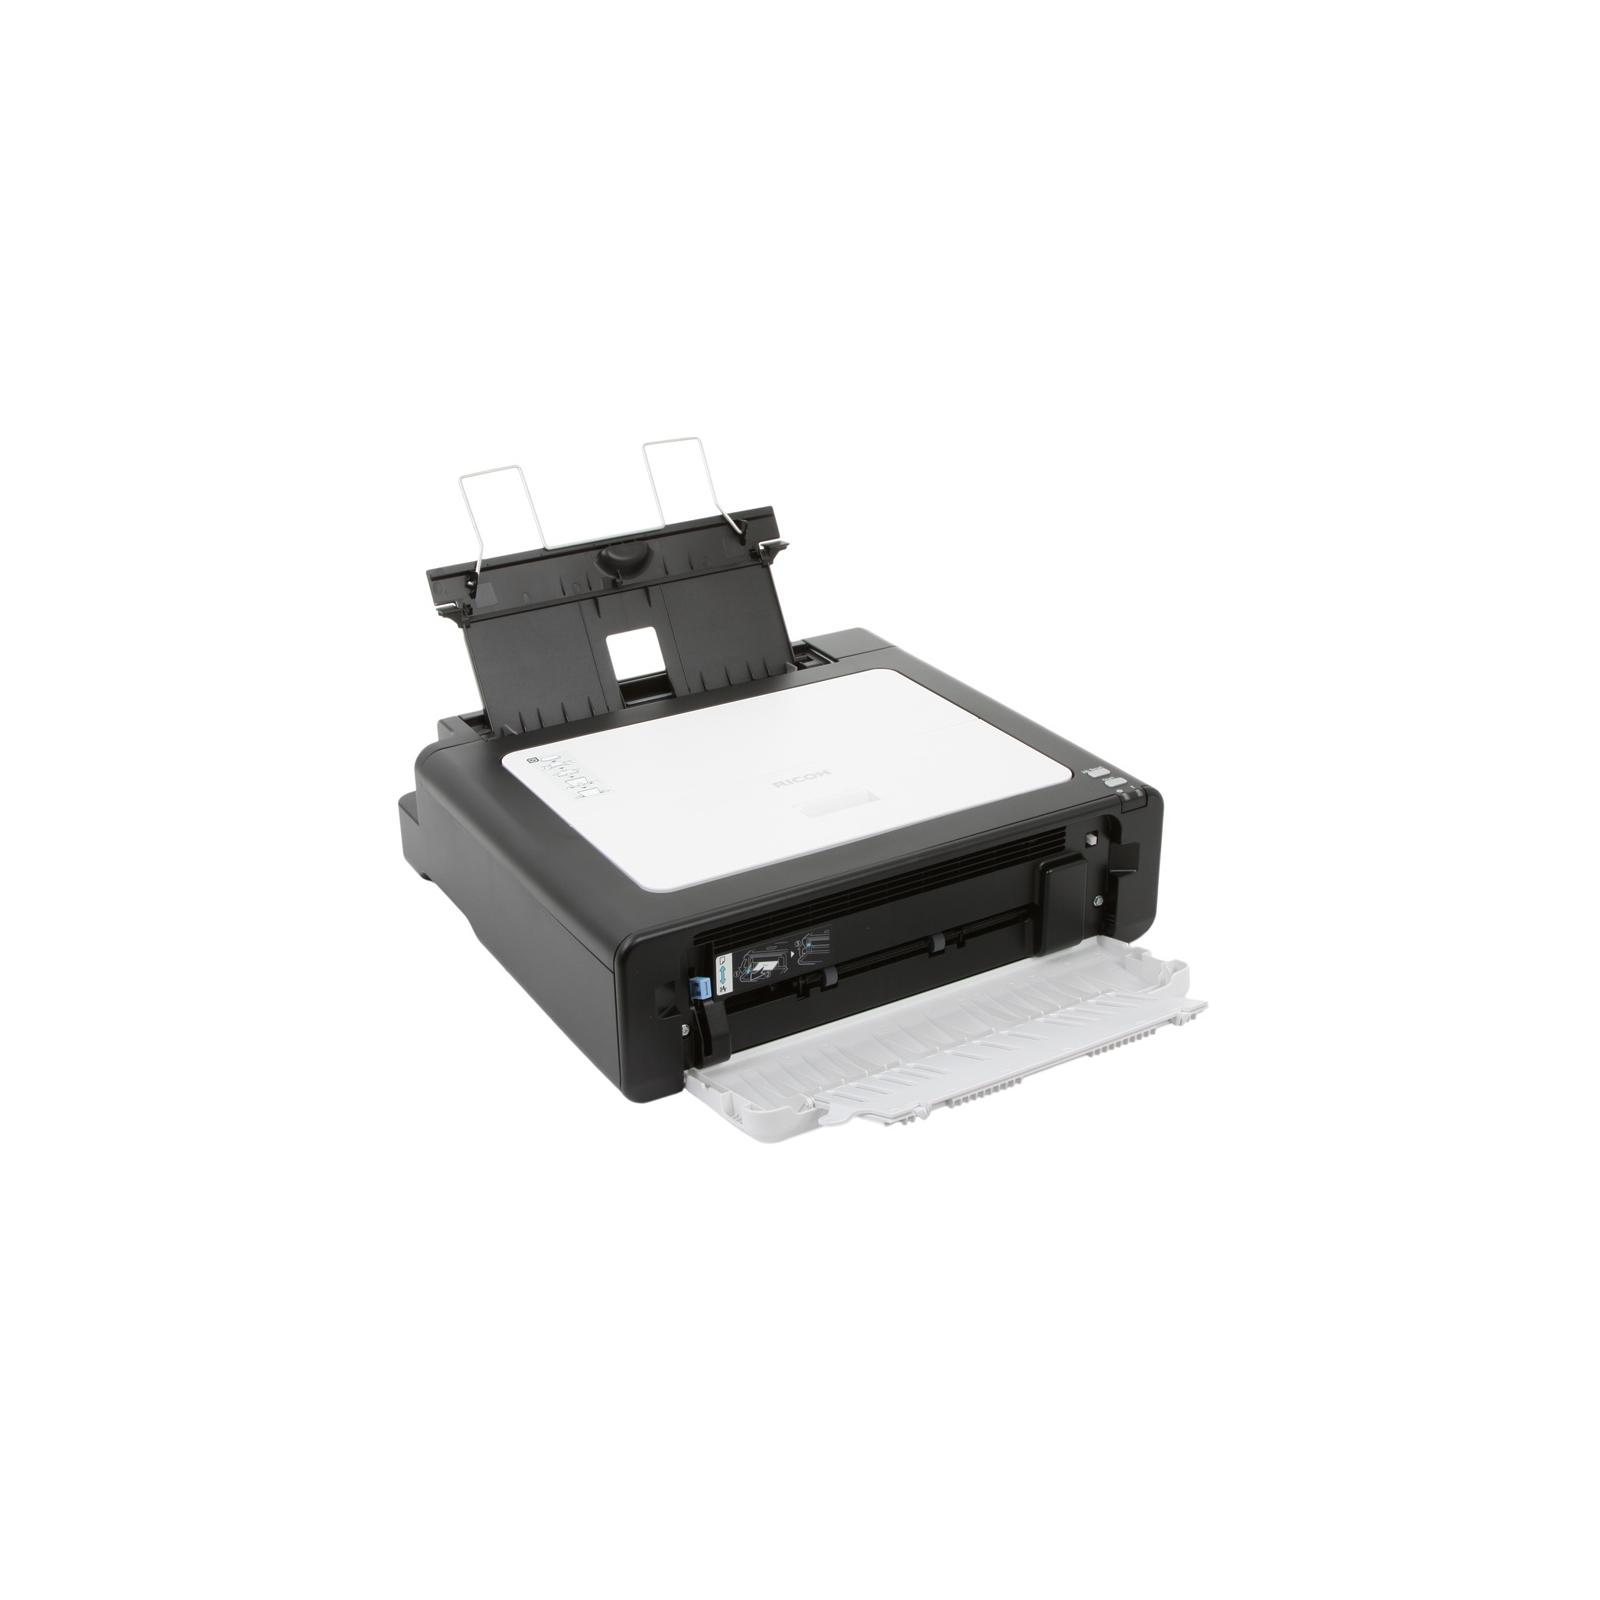 Лазерный принтер Ricoh SP111 (407415) изображение 4